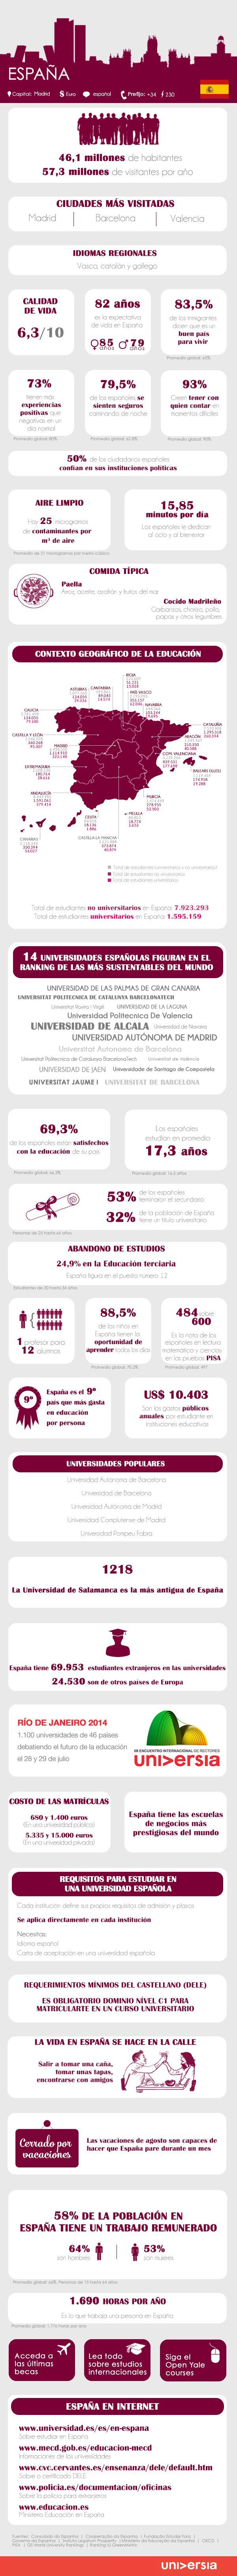 30 claves para estudiar y trabajar en España #infografia